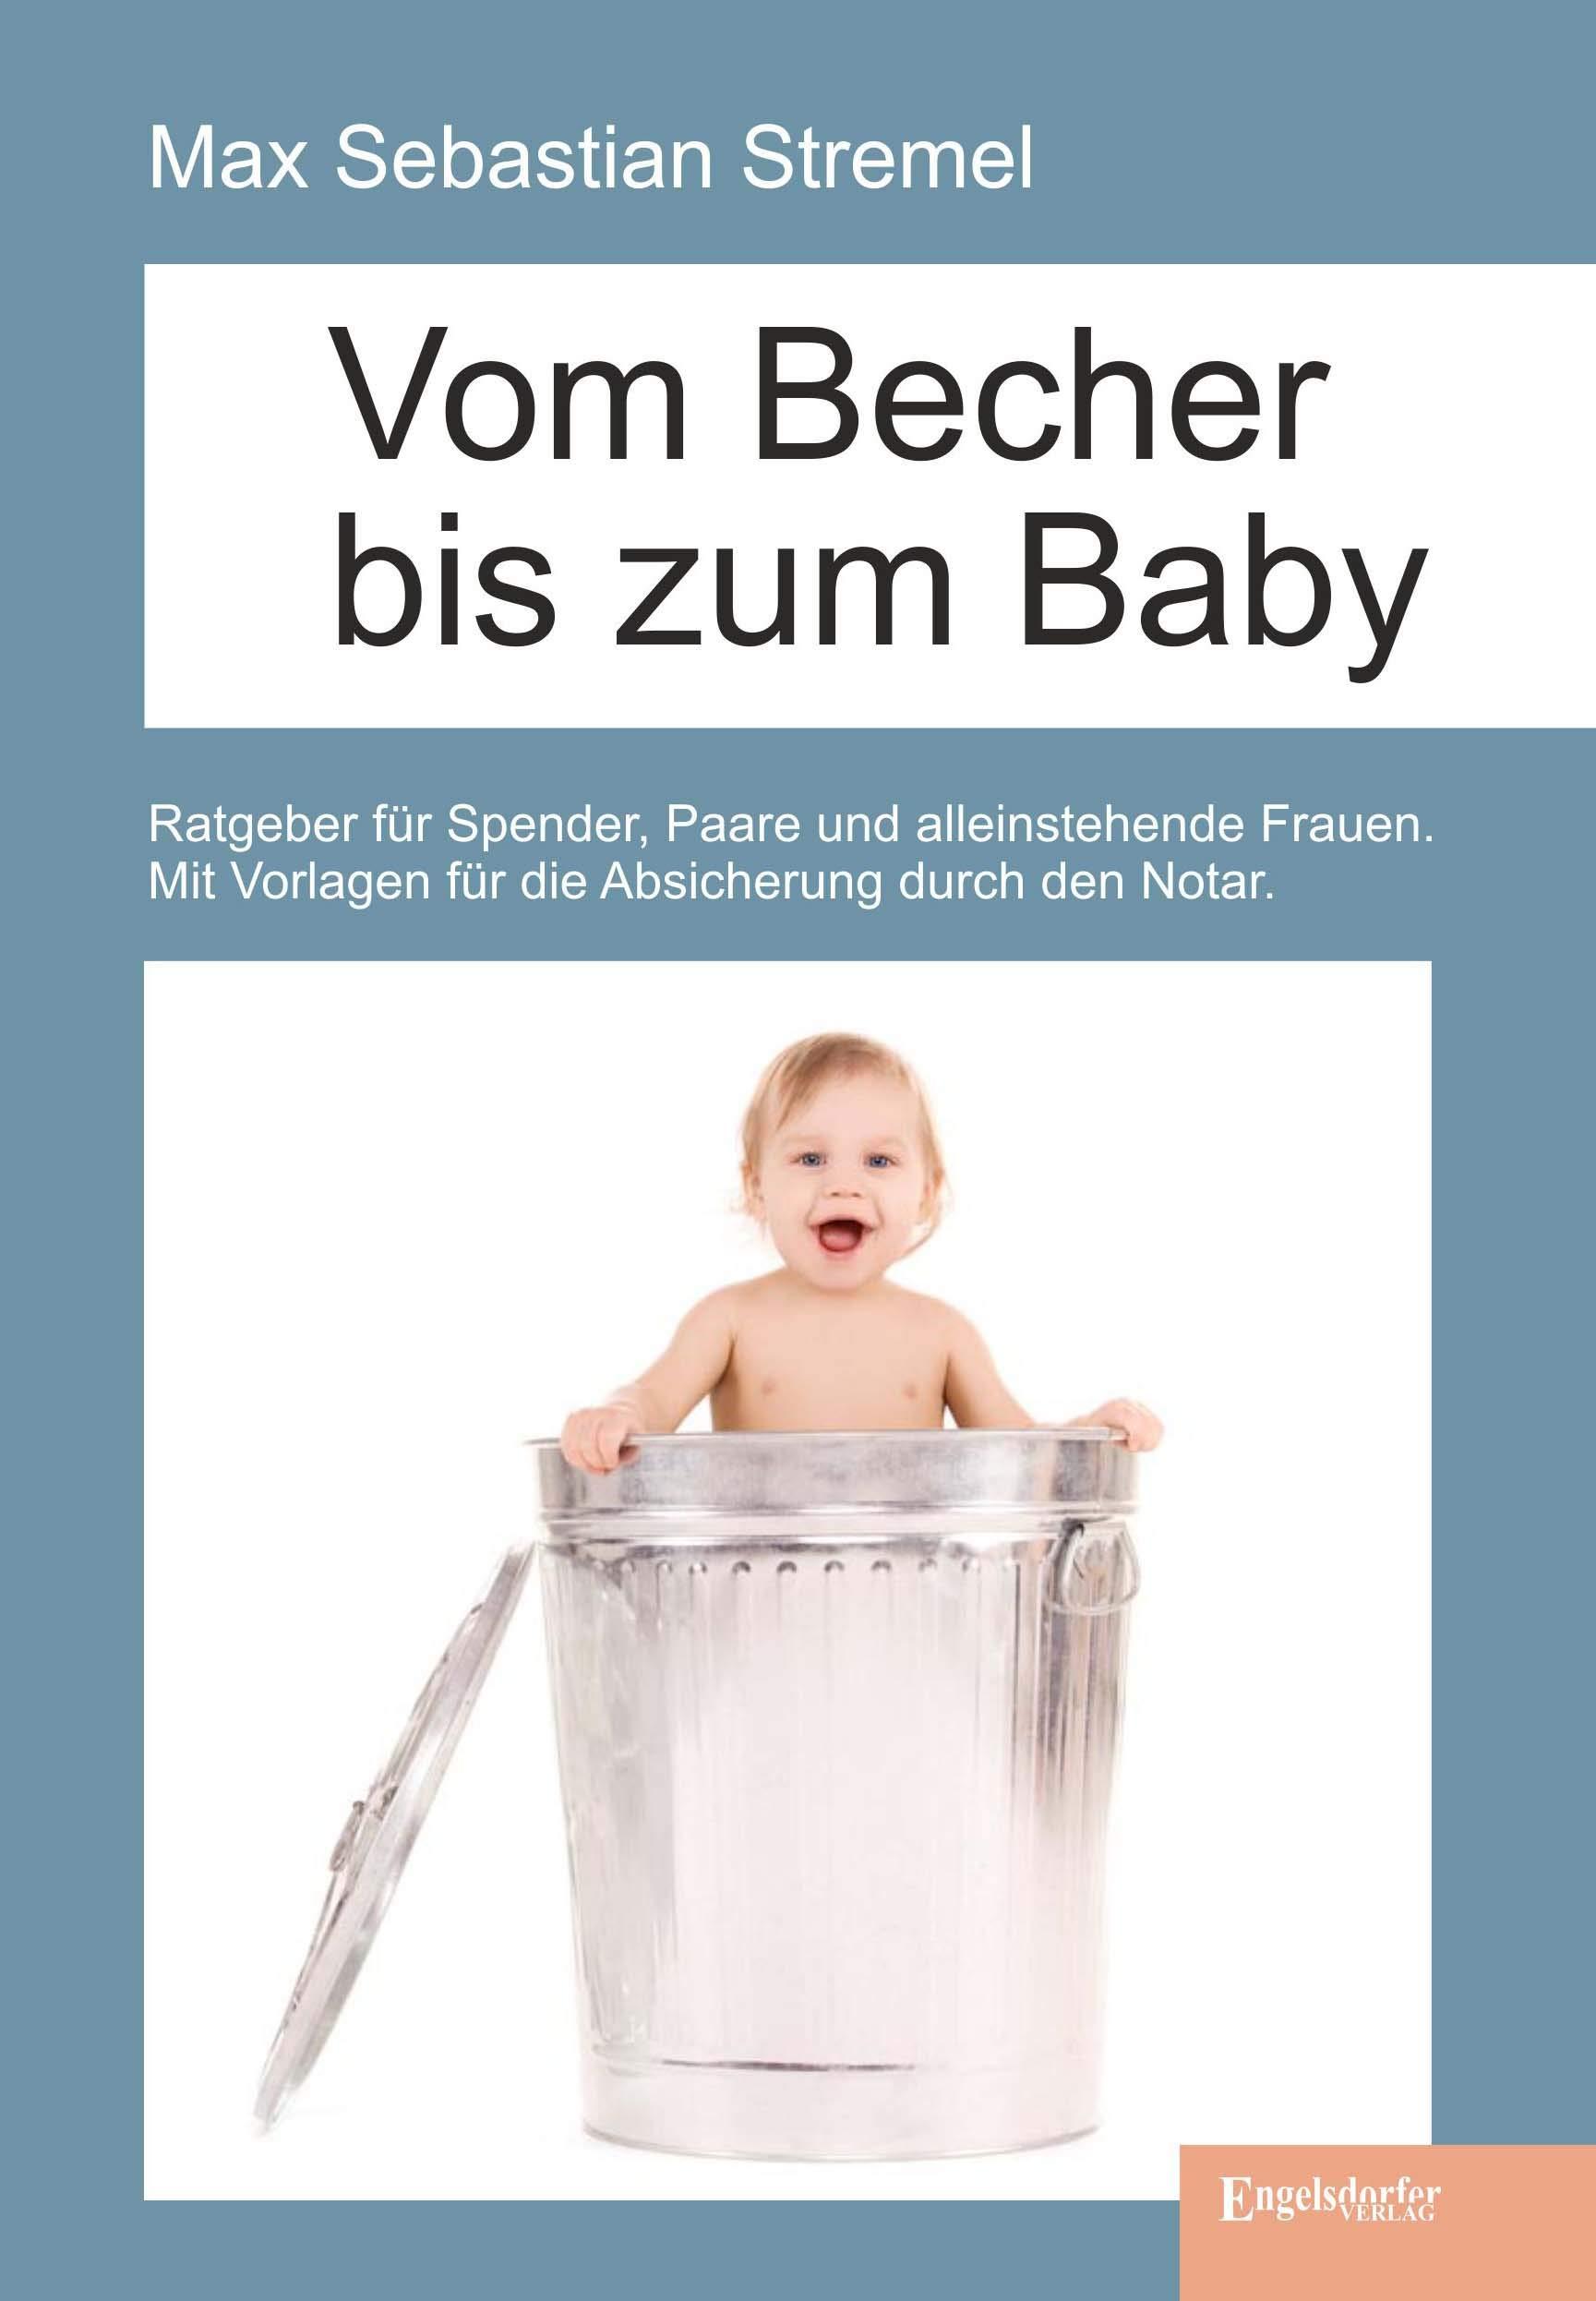 Vom Becher bis zum Baby: Ratgeber für Spender, Paare und alleinstehende Frauen. Mit Vorlagen für die Absicherung durch den Notar.